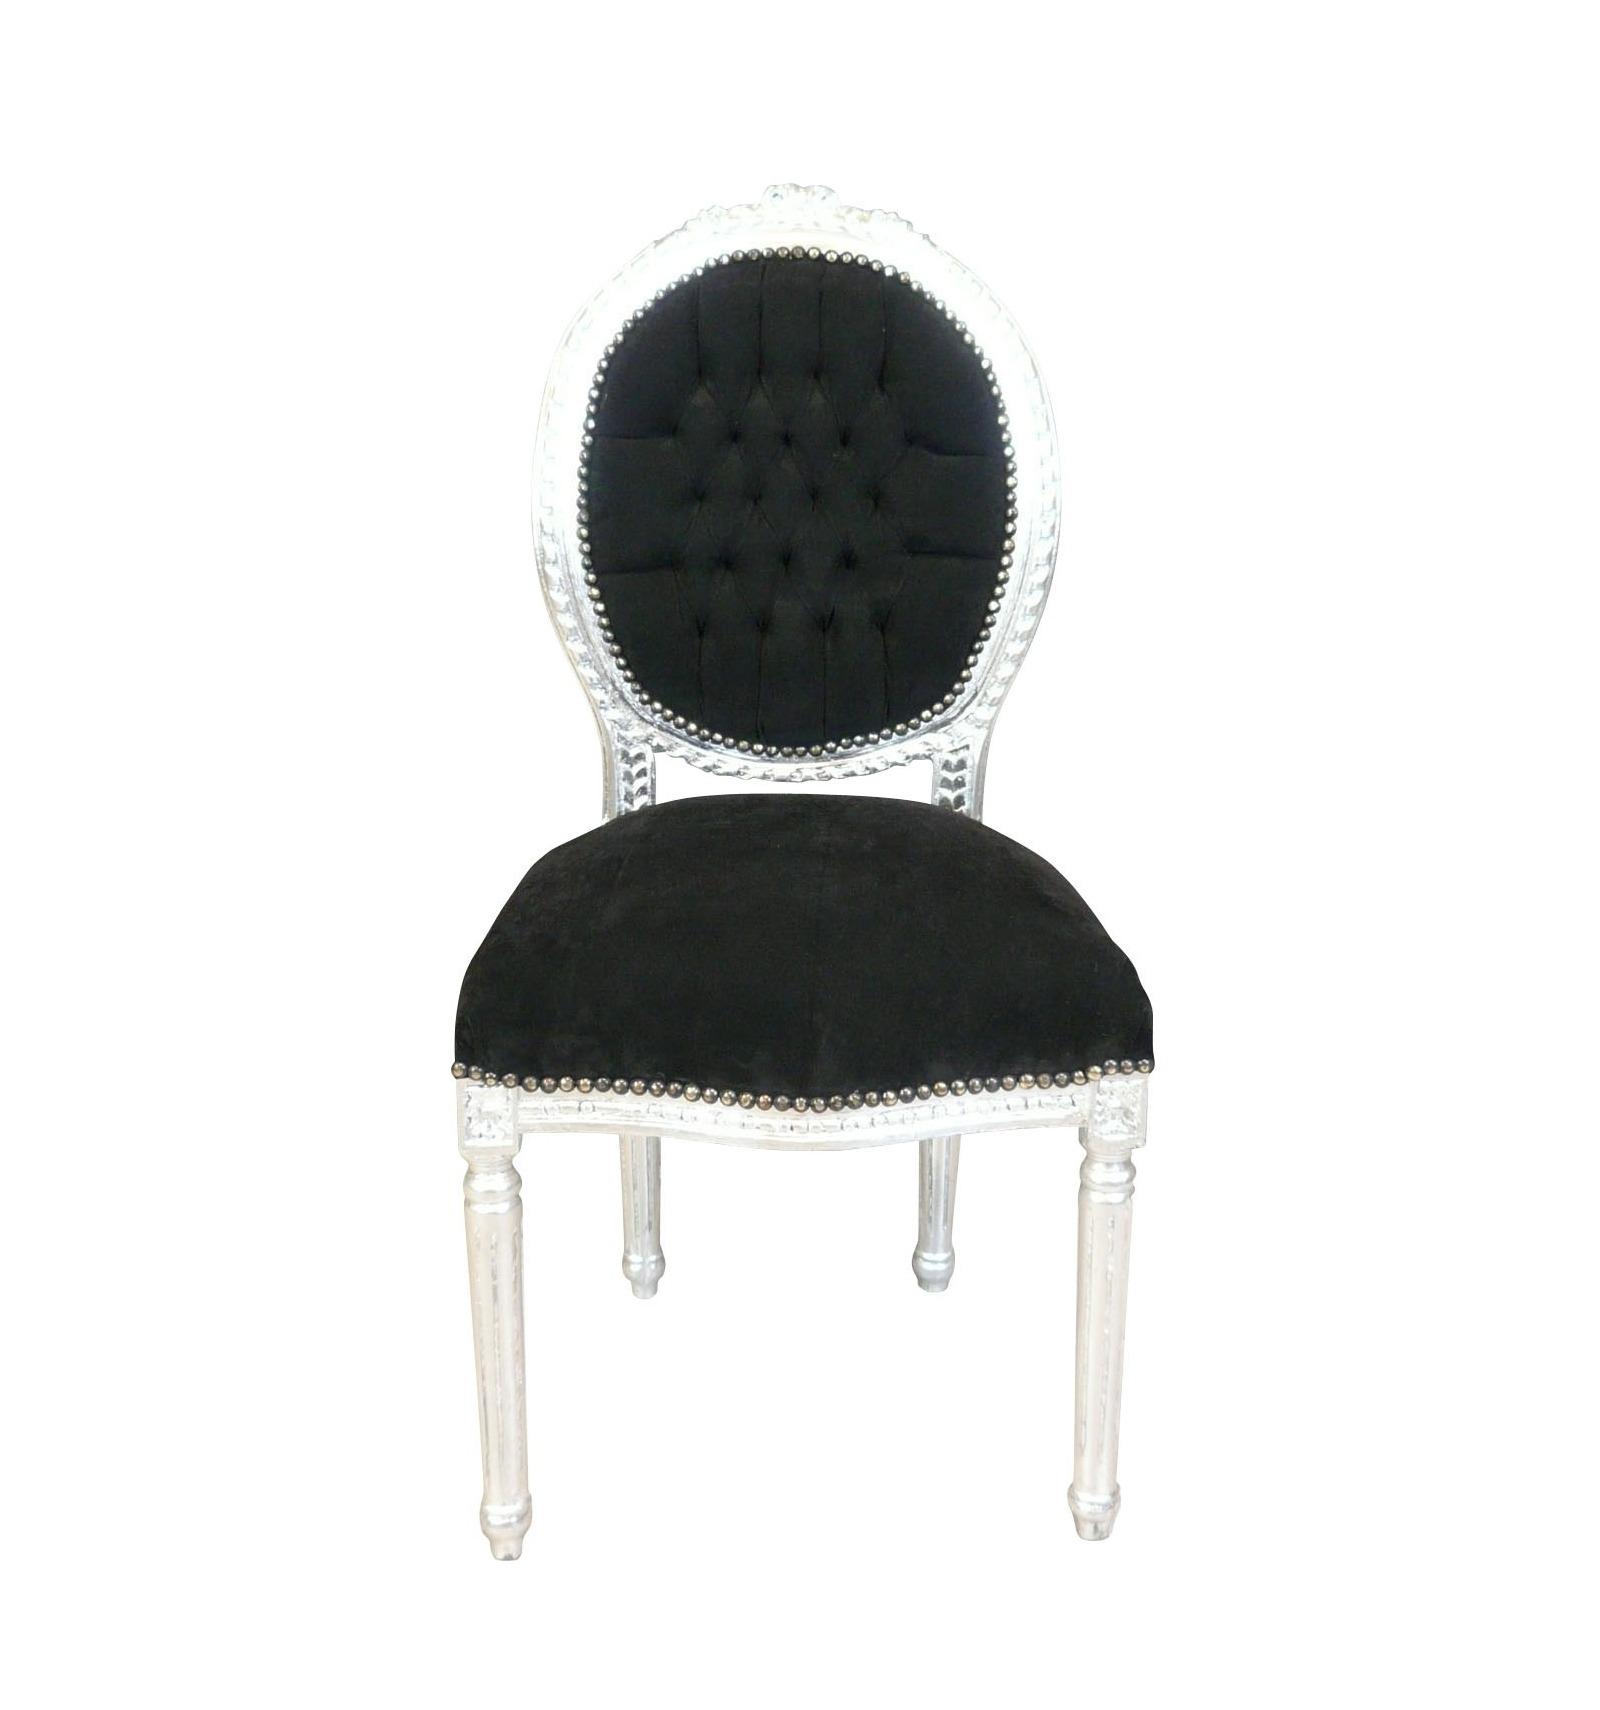 Chaise louis xvi style baroque petit prix for Petit banc baroque